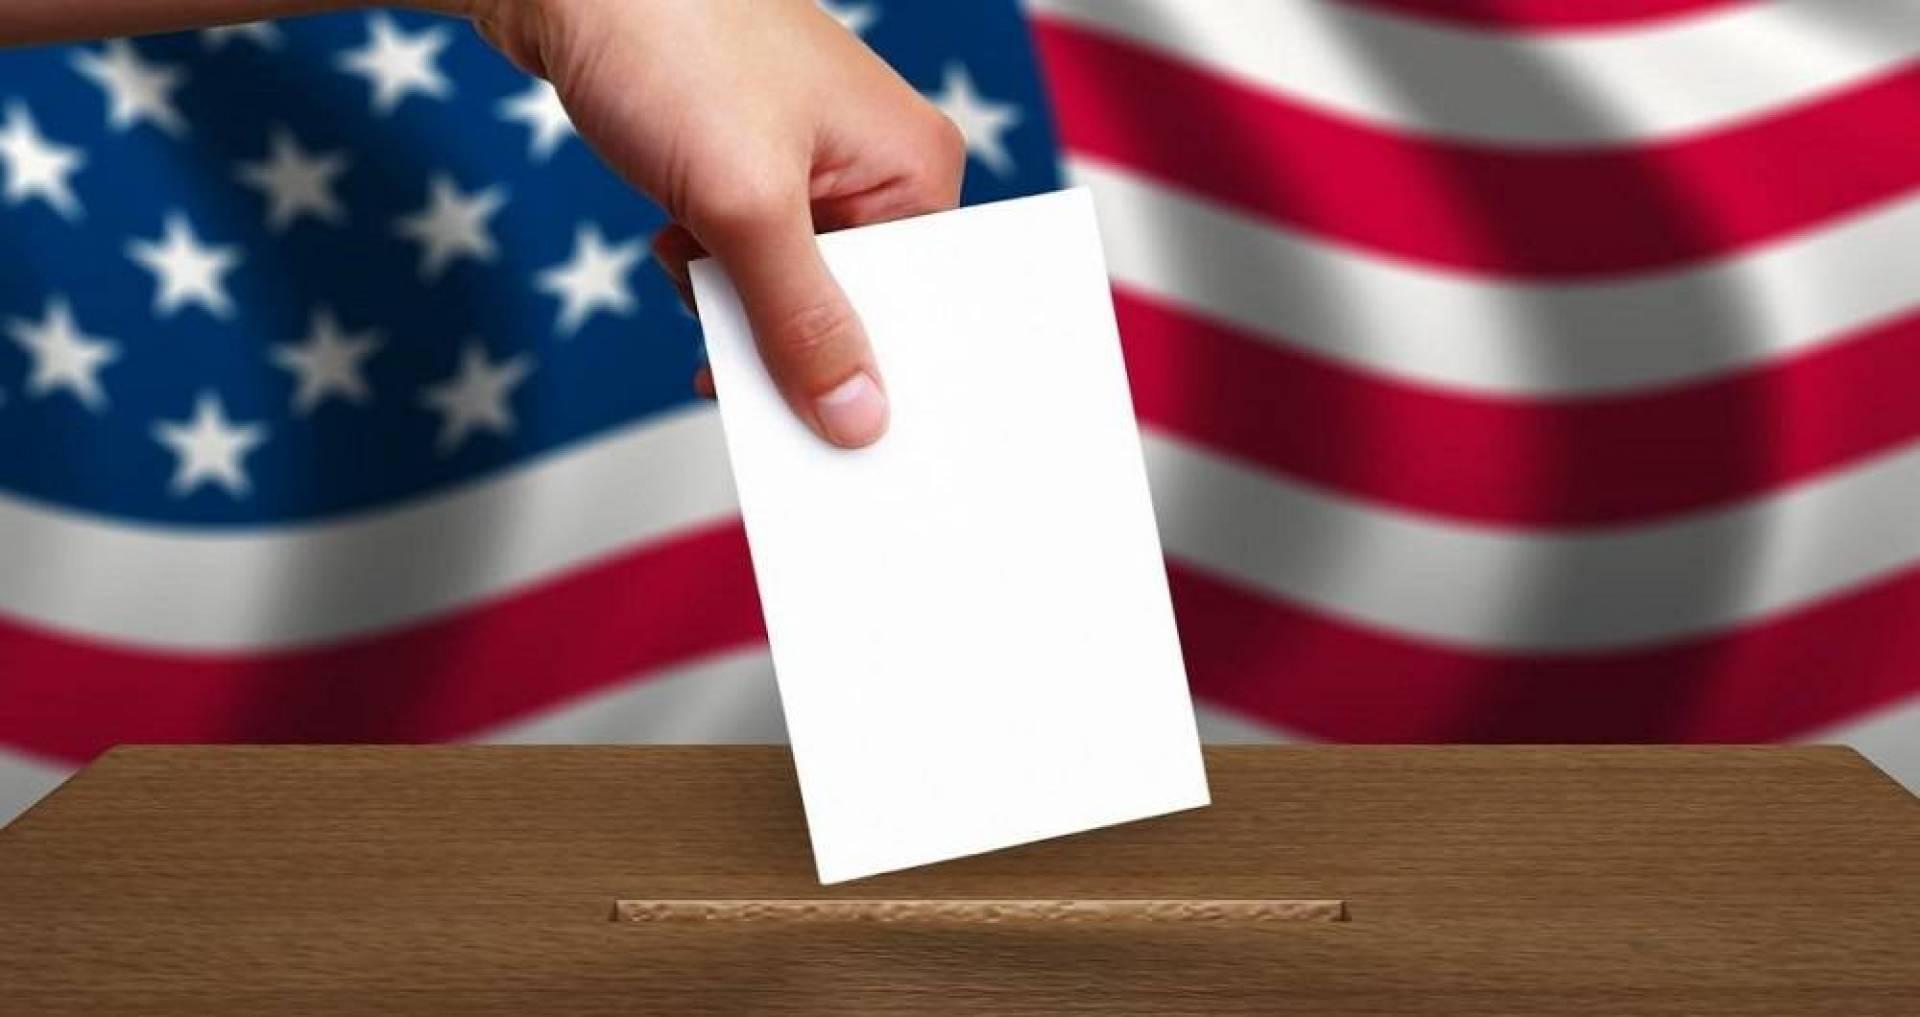 كبير موظفي البيت الأبيض: انتخابات الرئاسة الأميركية في الثالث من نوفمبر دون تأجيل